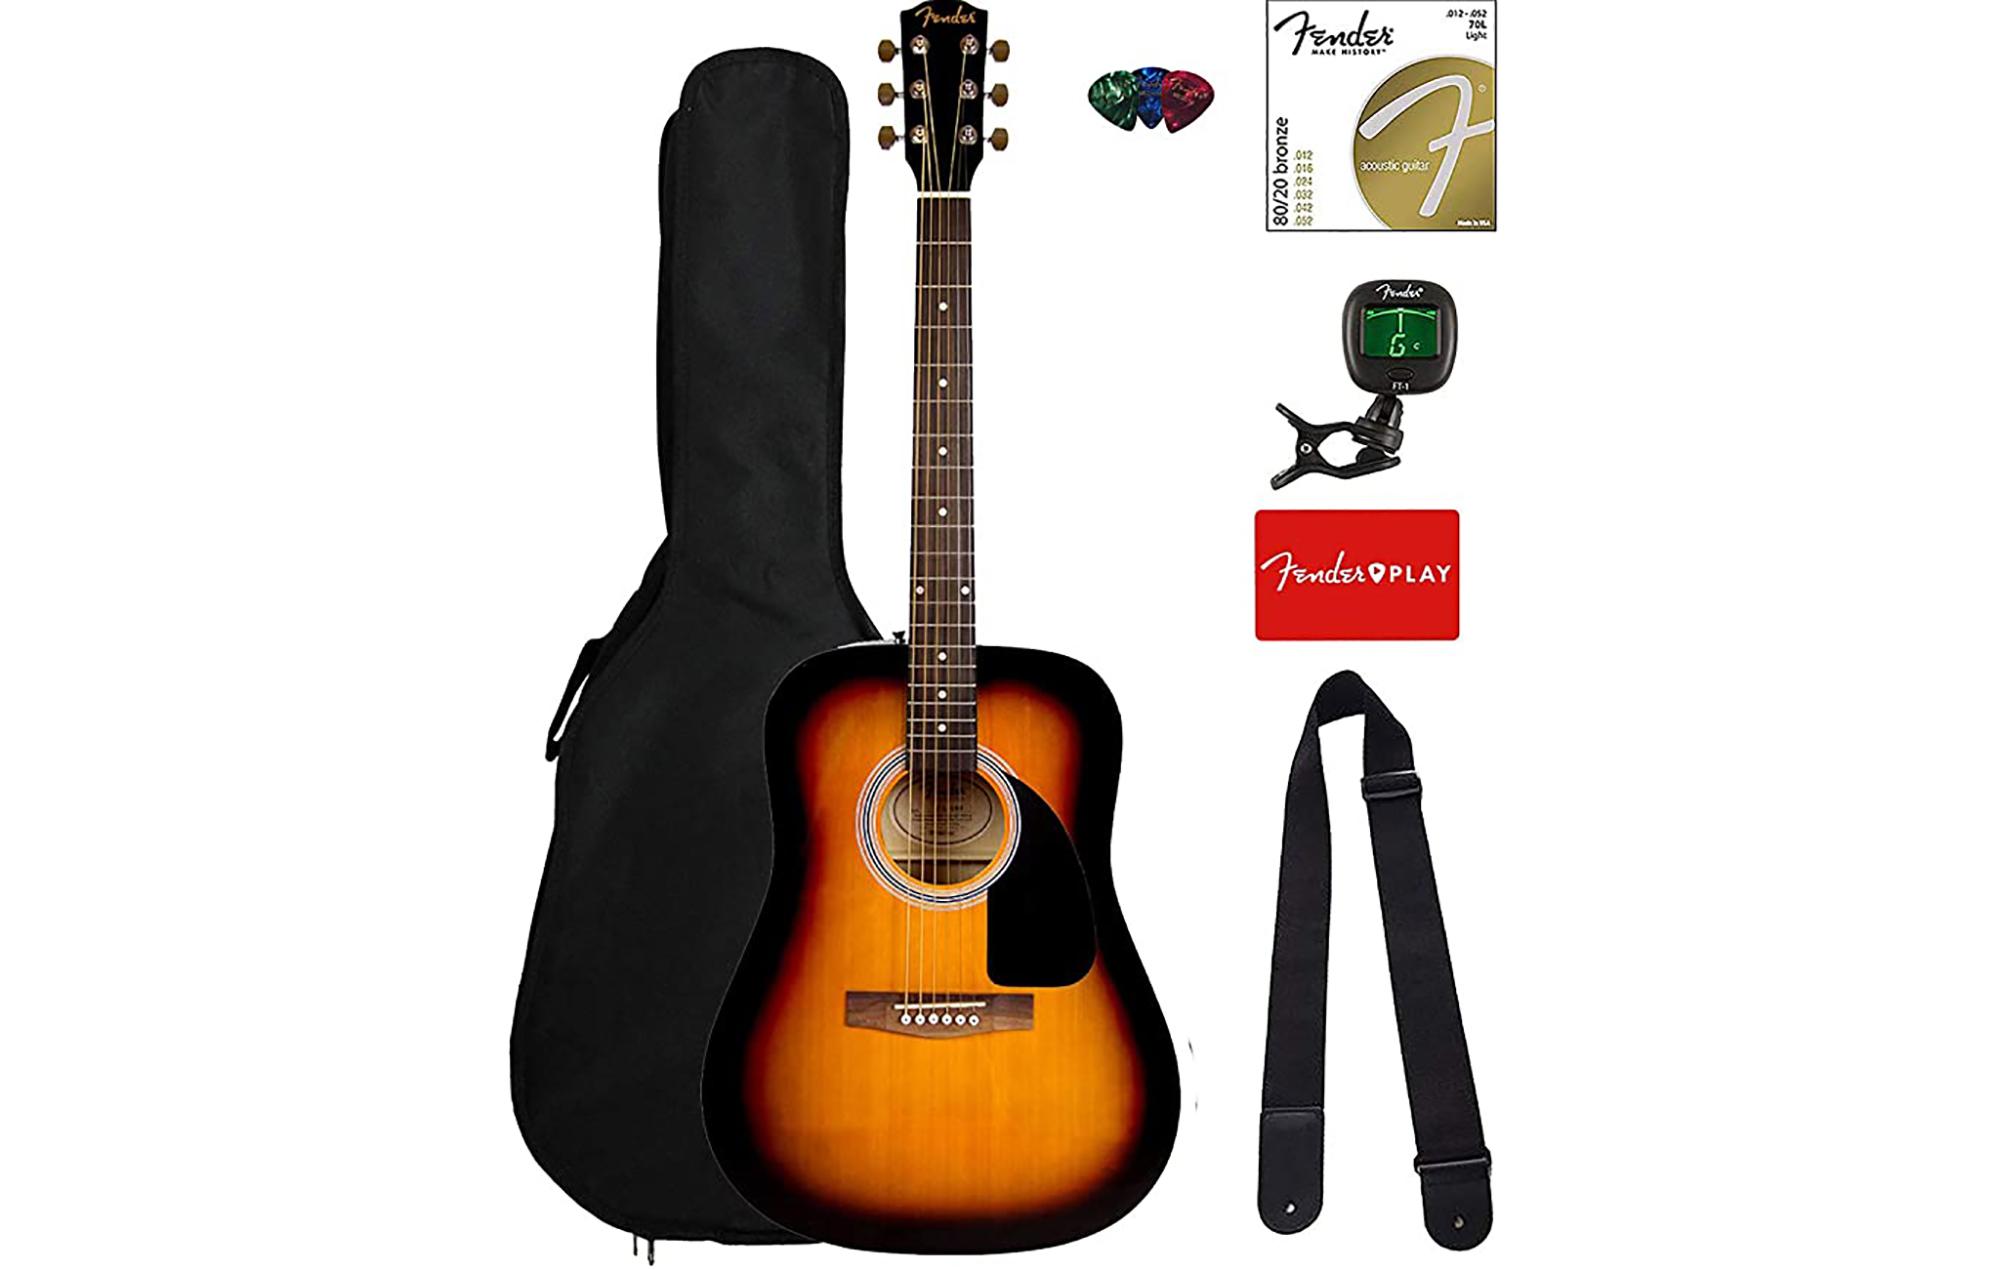 Fender Squier Dreadnought Acoustic Guitar Bundle